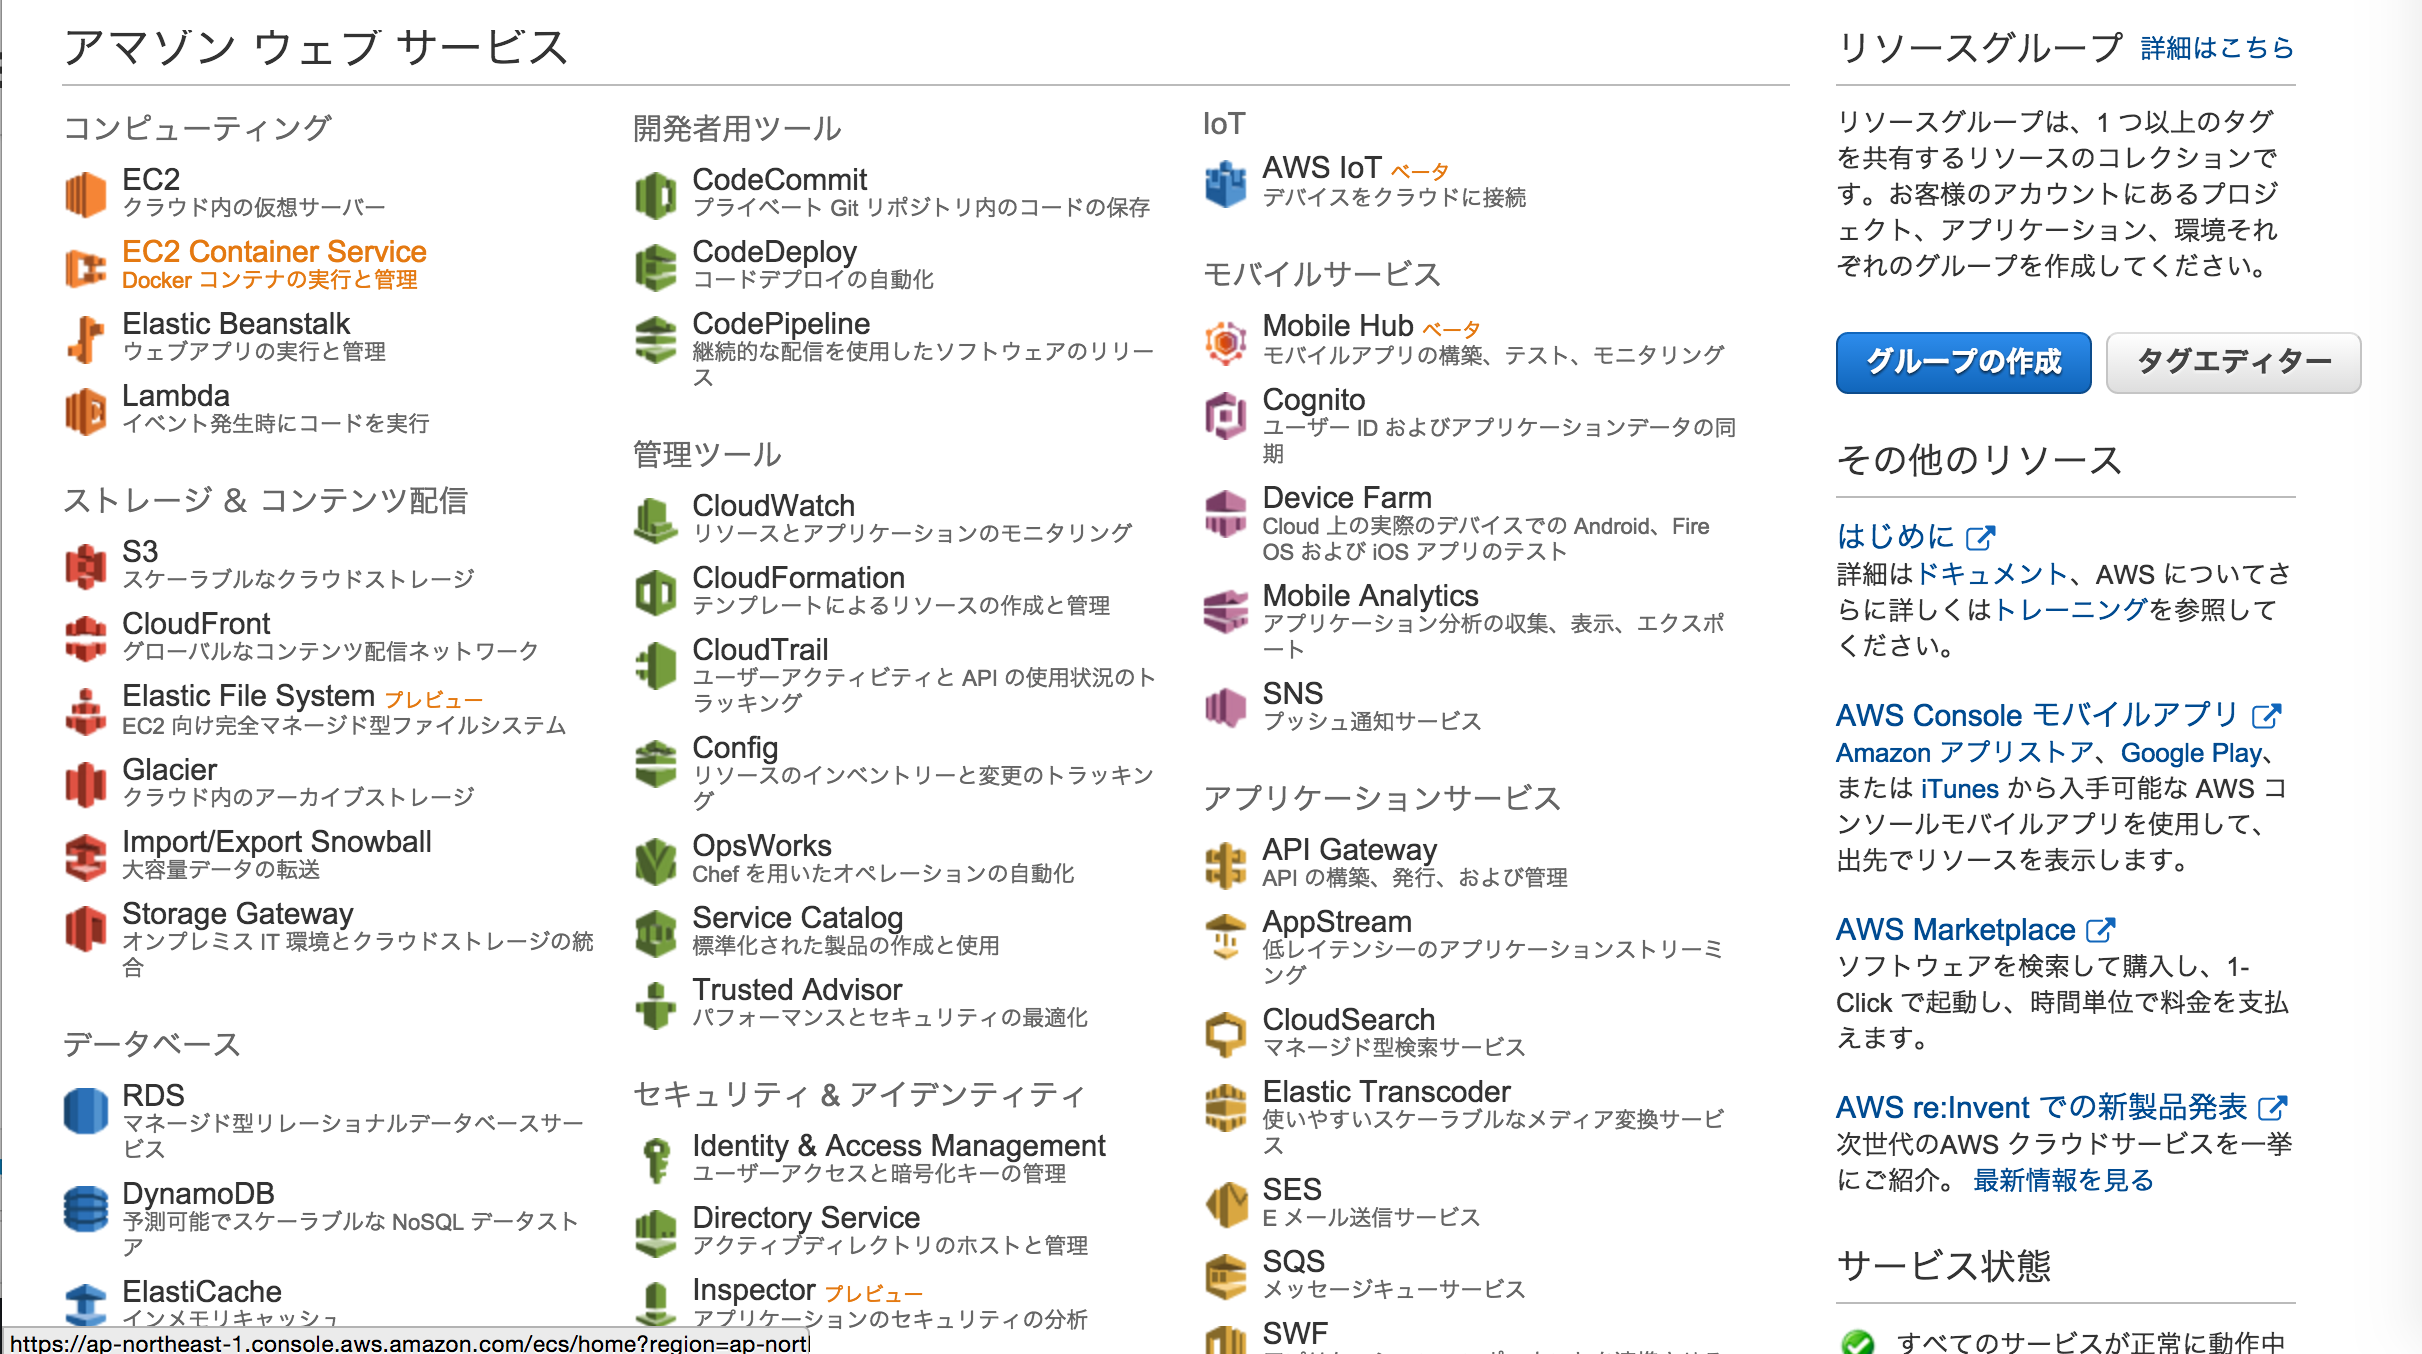 スクリーンショット 2015-11-27 17.58.30.png